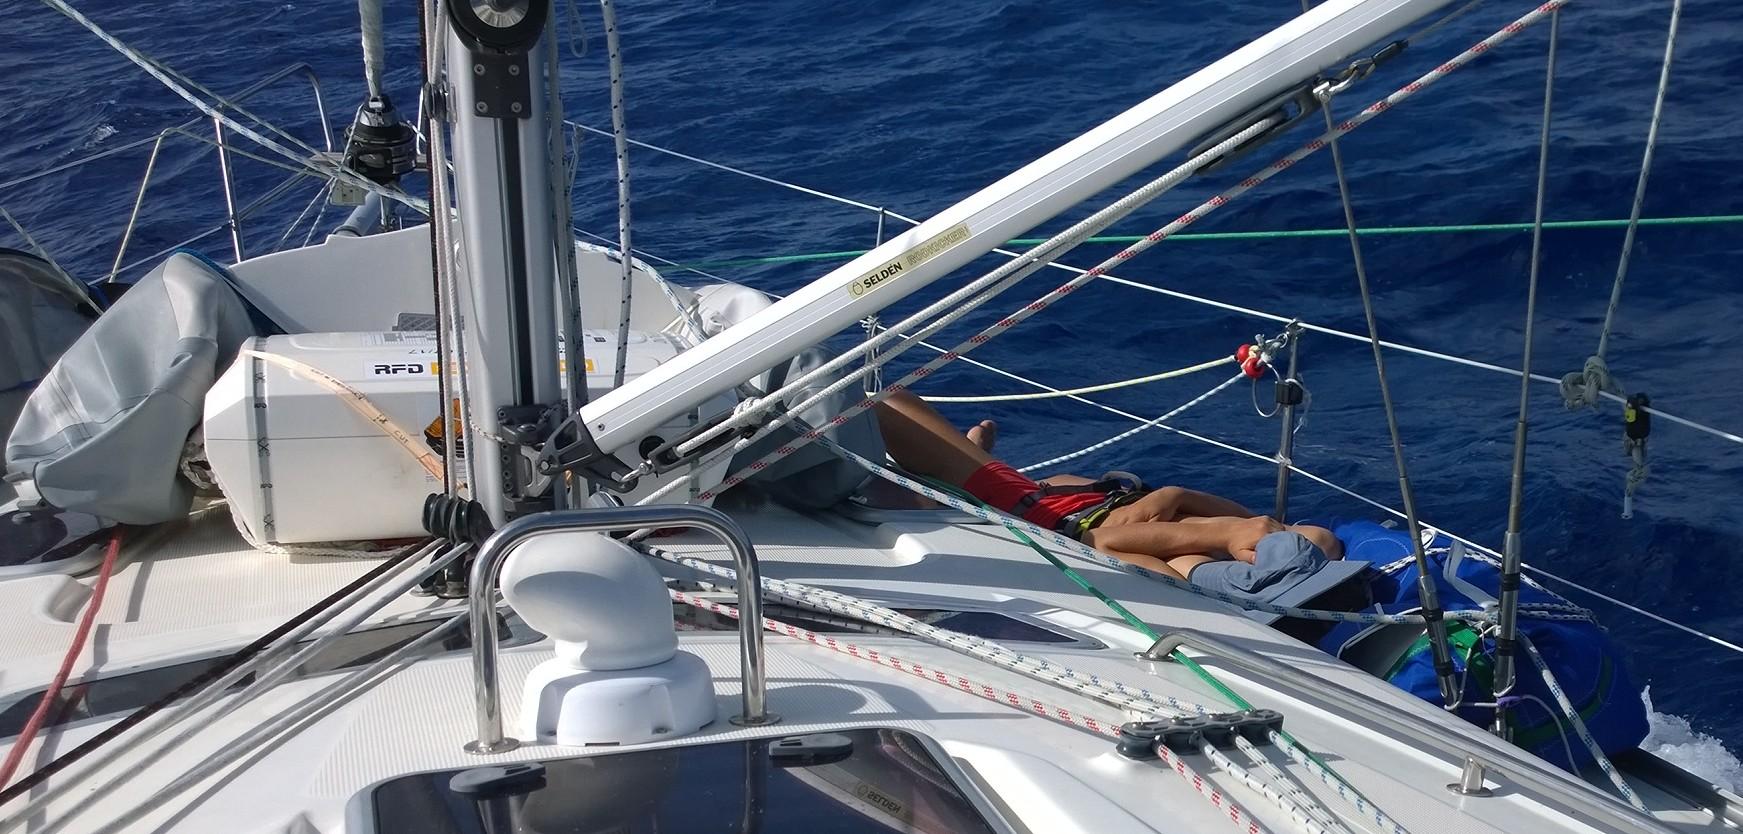 Veneessä voi torkahtaa monessa paikassa. Rimpiläinen nukkuu kannella purjeiden seassa.